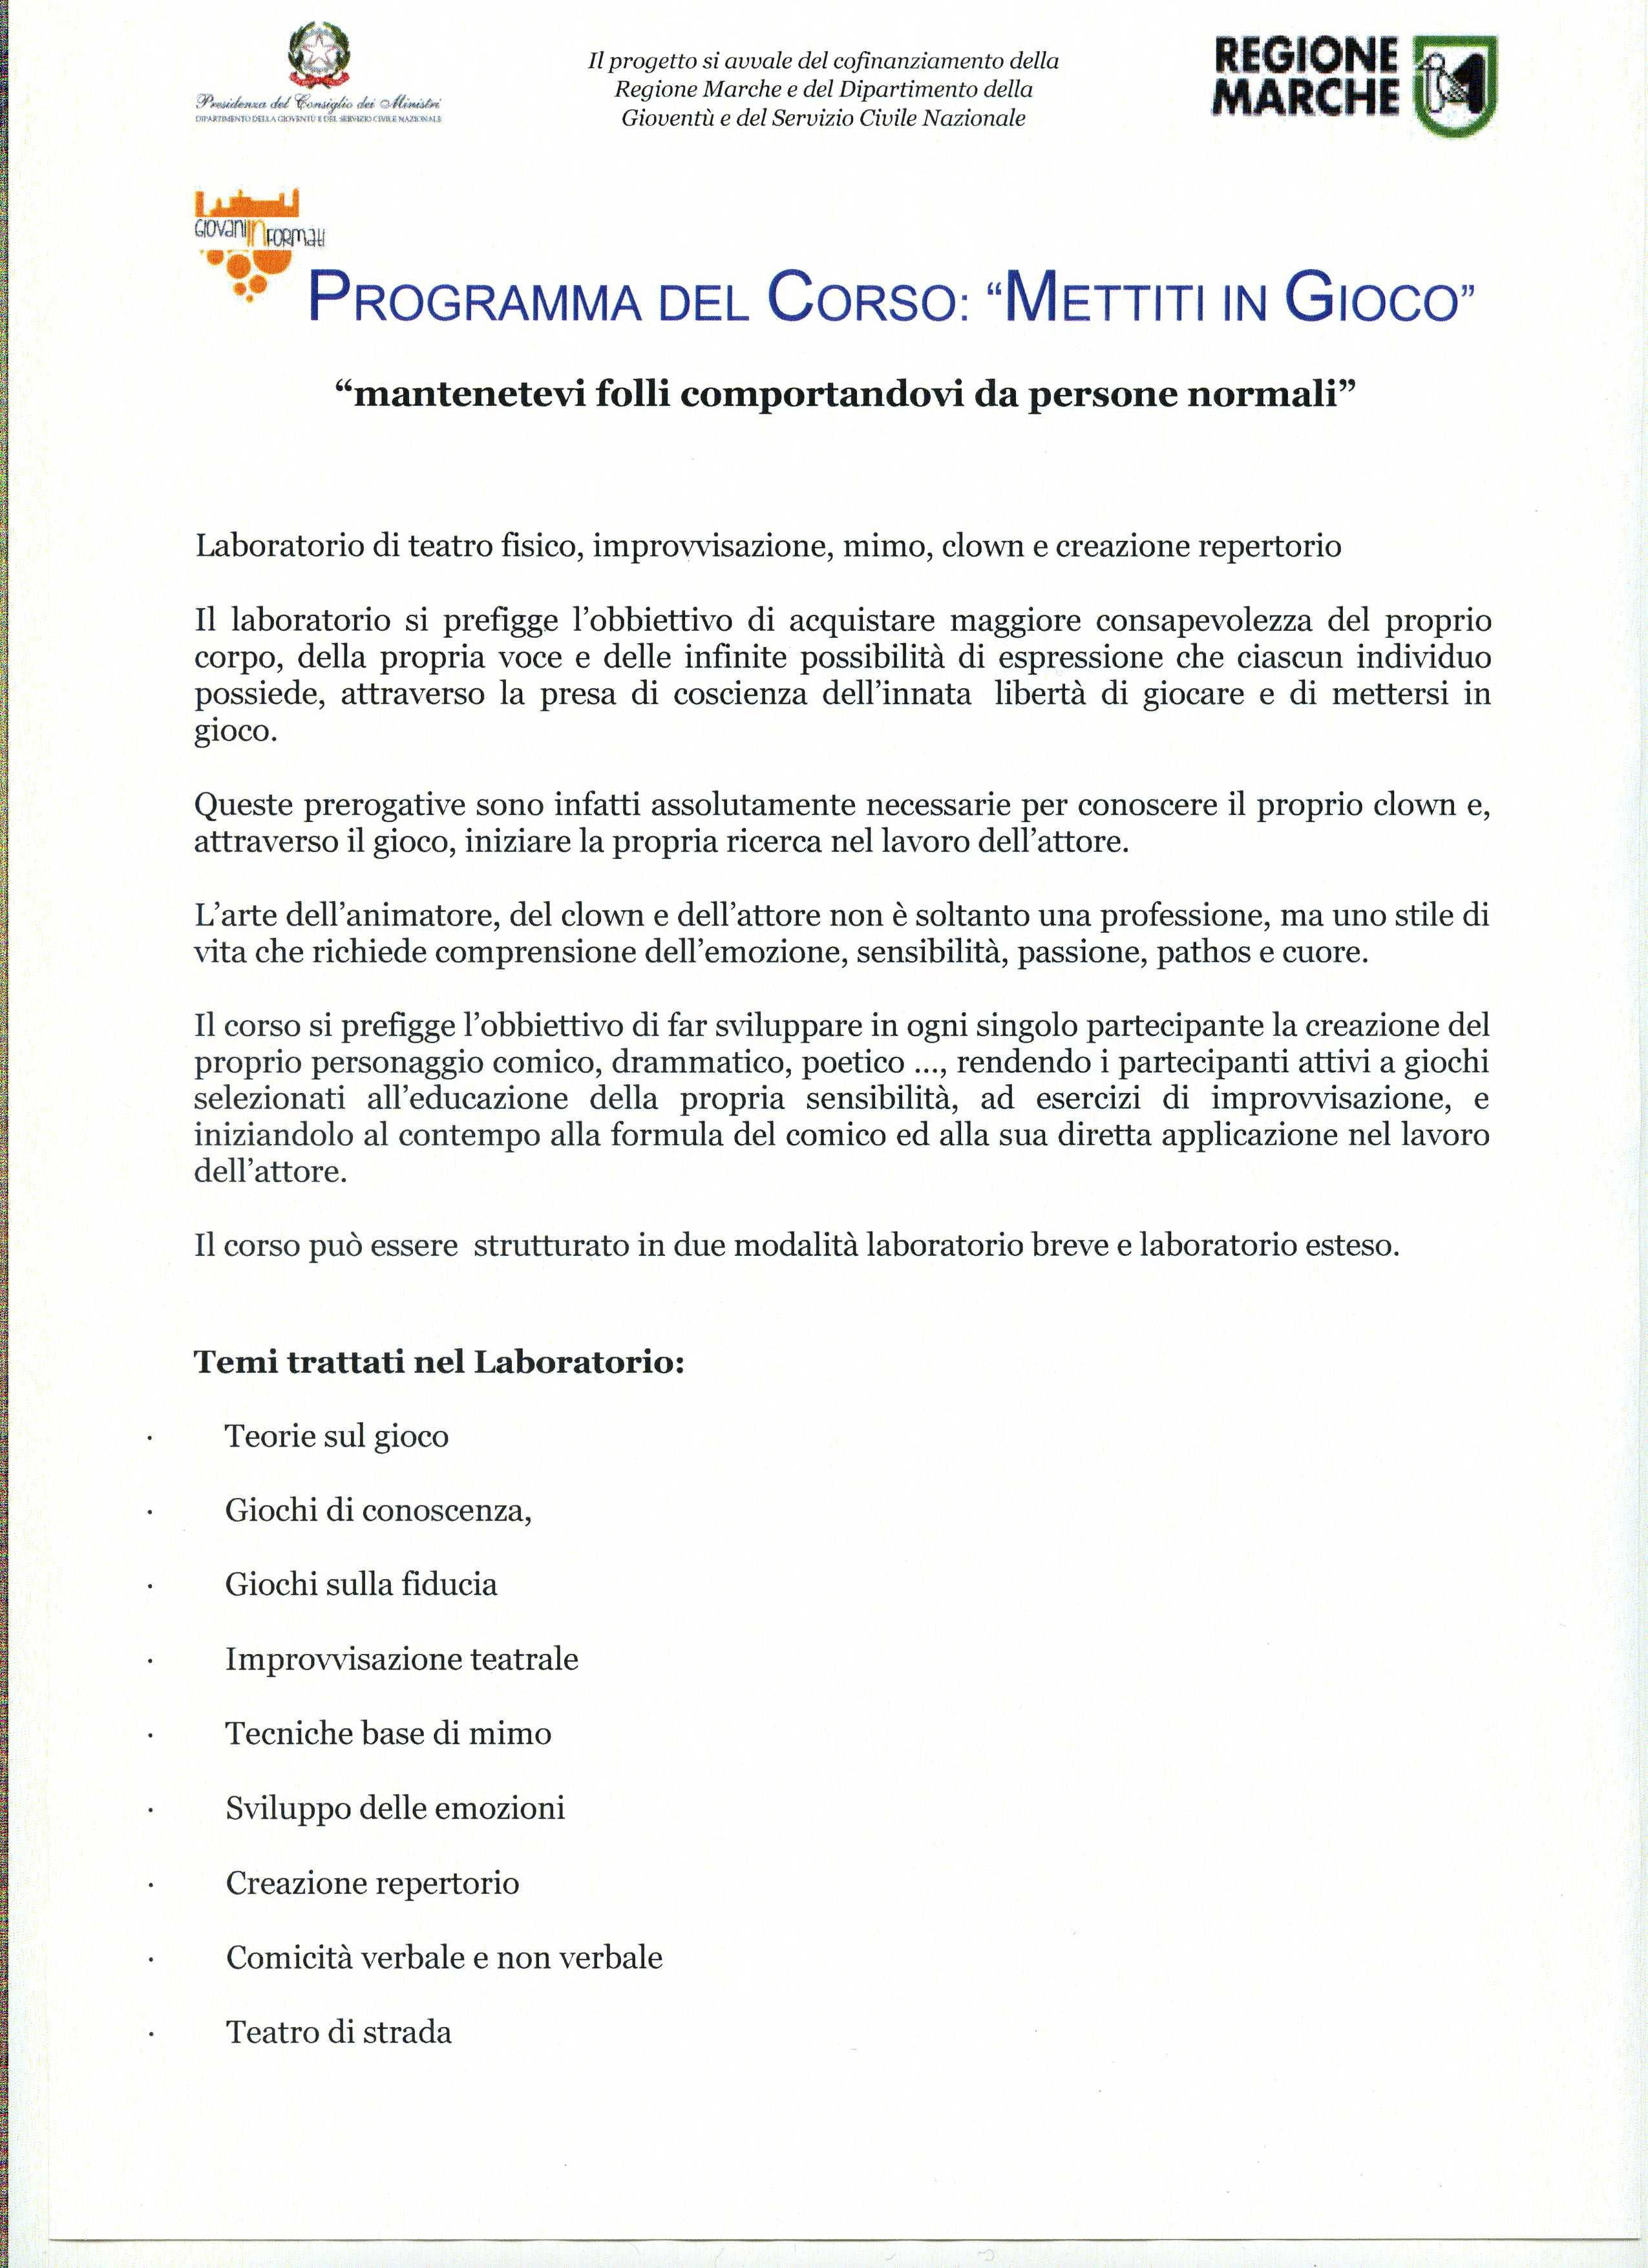 PROGRAMMA DEL CORSO - 1 (1)